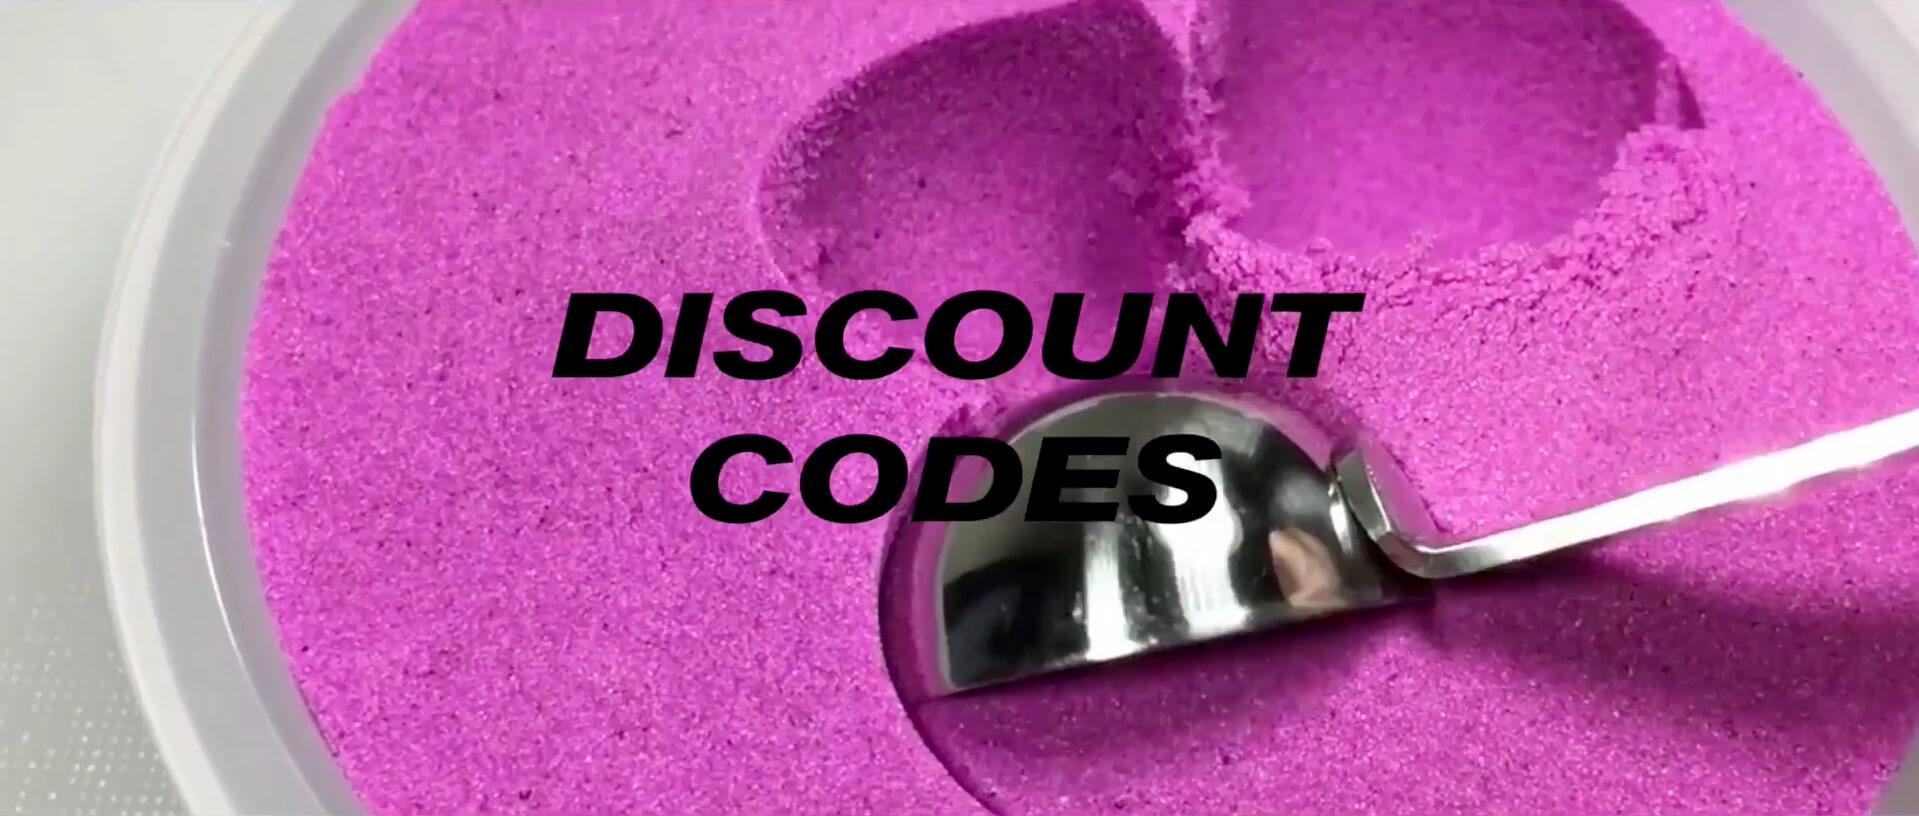 Discount Codes Gallium EP